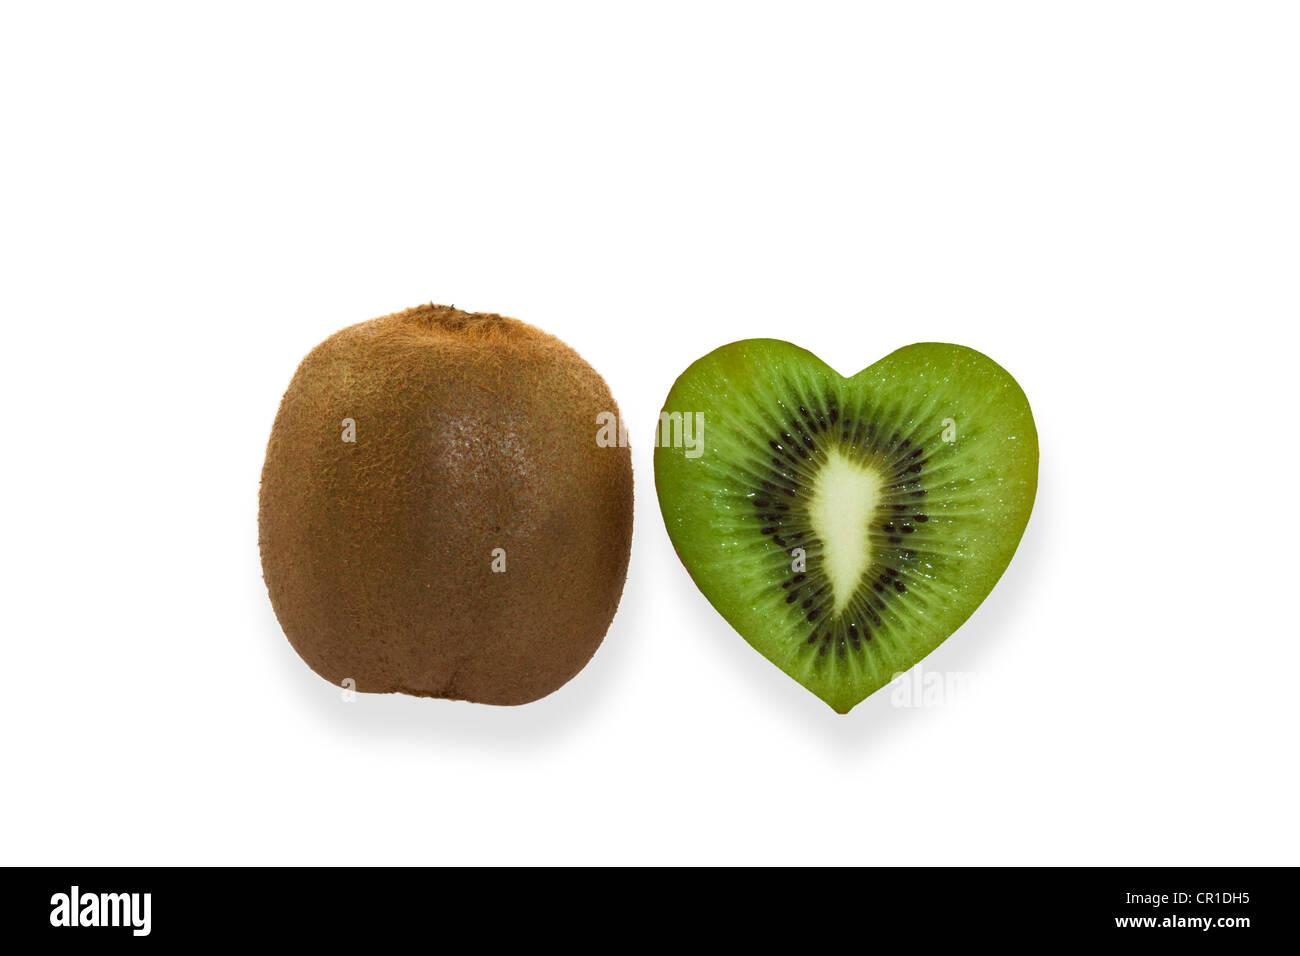 Kiwi fruits, heart-shaped kiwi fruit - Stock Image